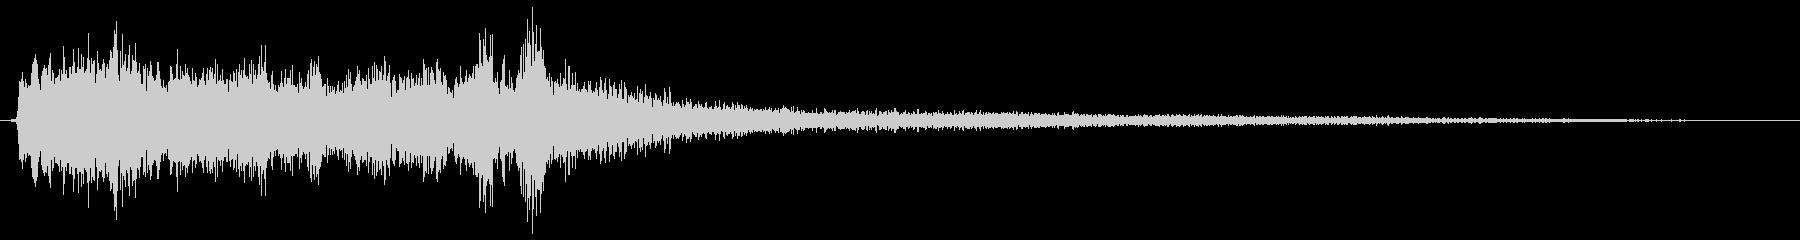 ホラー ピアノ弓弦ブロークンロース...の未再生の波形